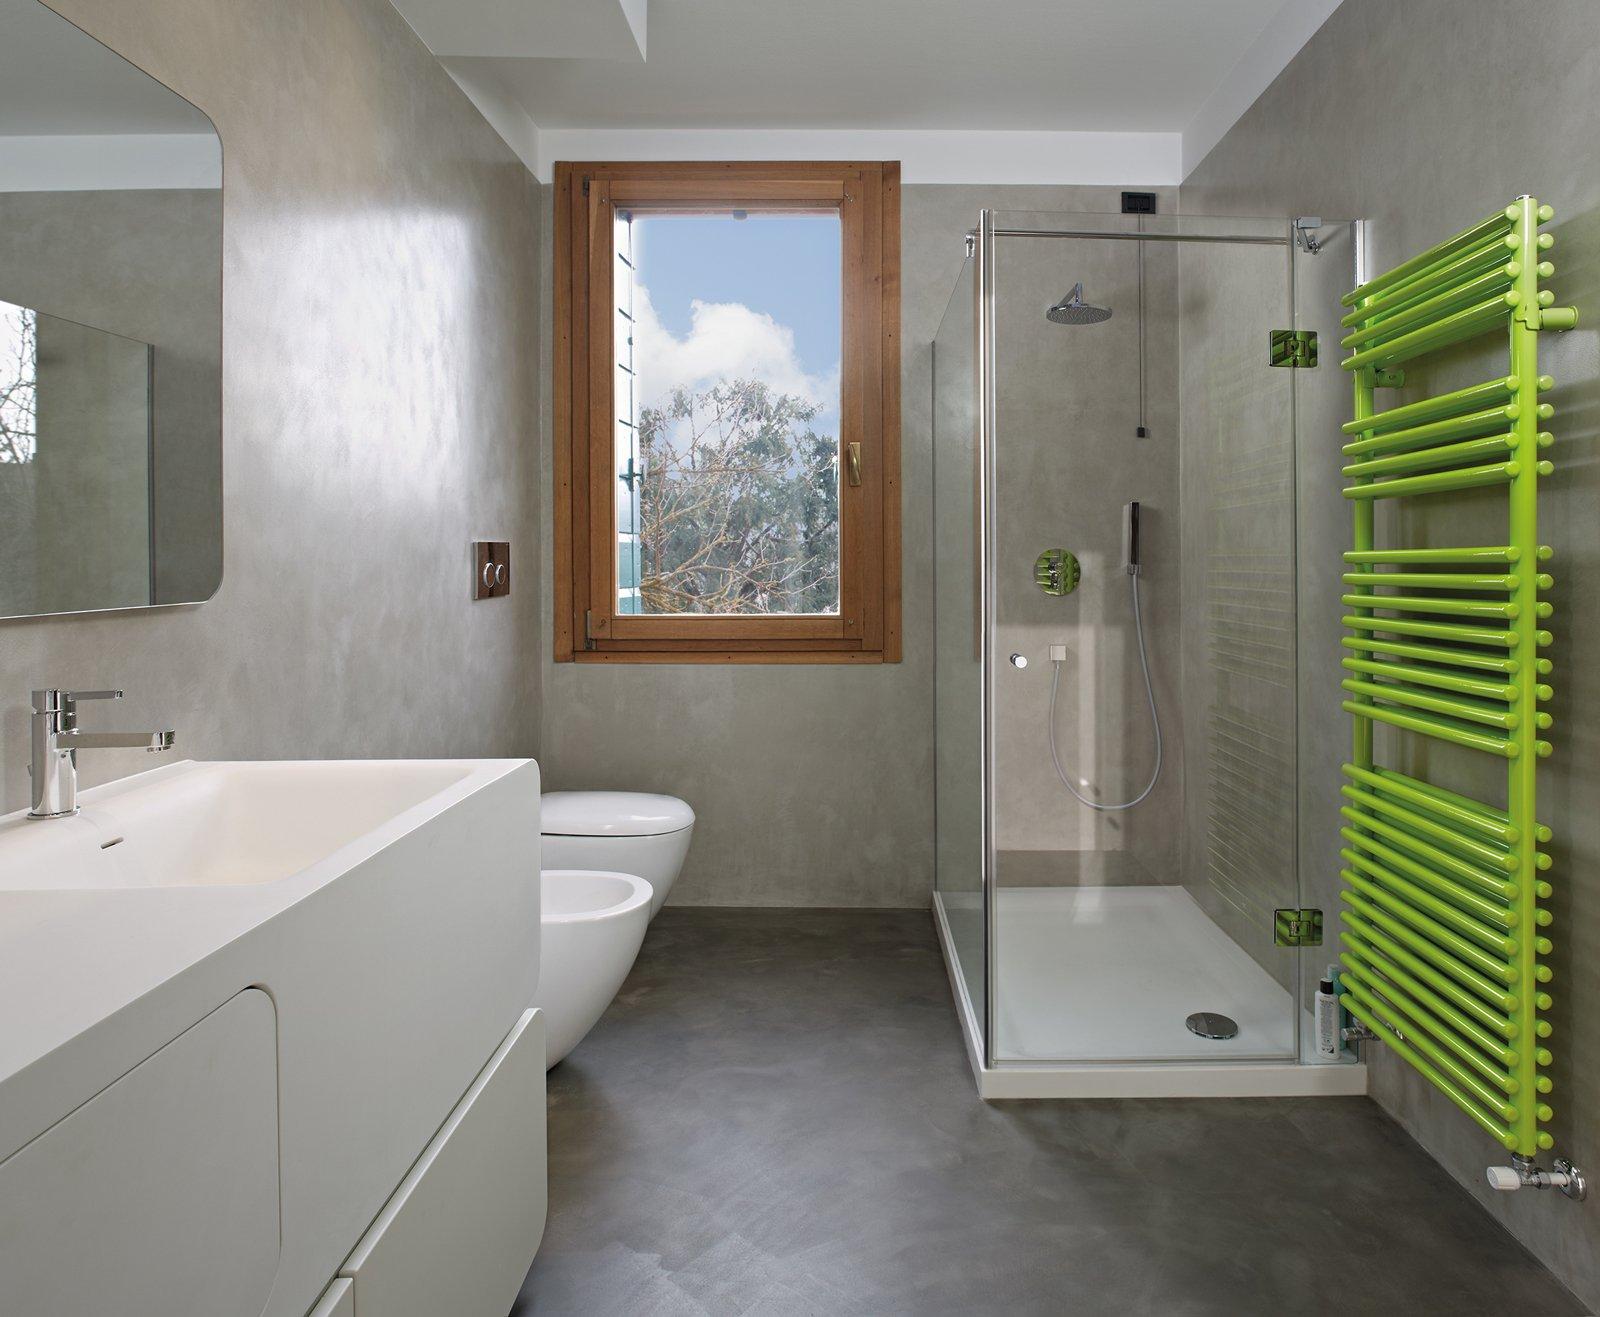 Nuovi rivestimenti cementizi per cambiare look alla casa - Resina piastrelle bagno ...